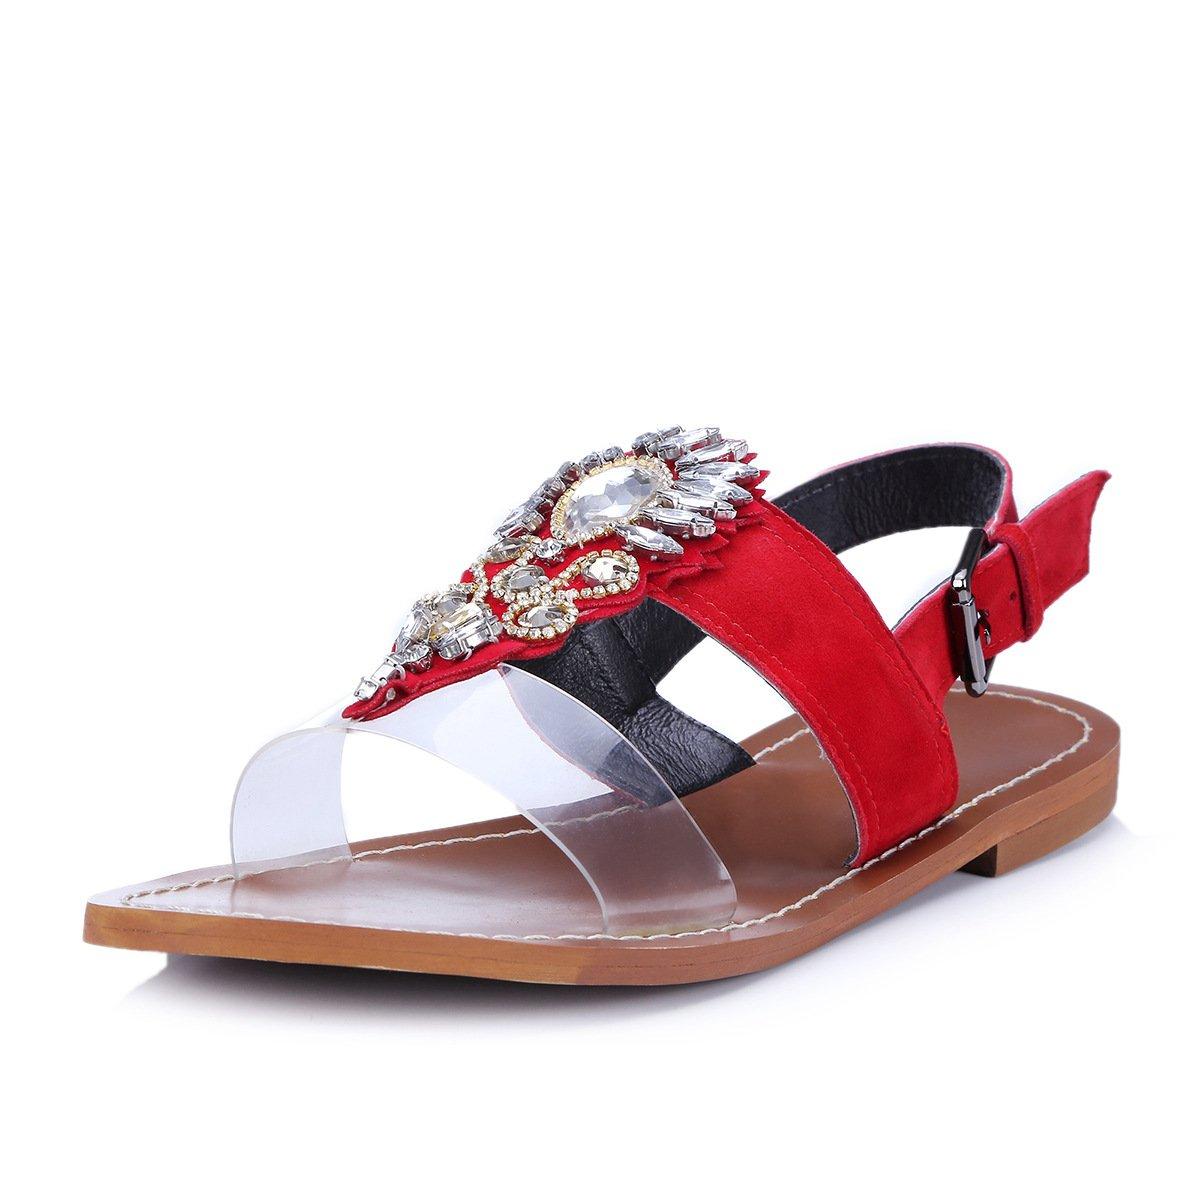 MEI&S Damen Sandalen Sandalen Sandalen flachem Absatz Schuhe ROT d00cad